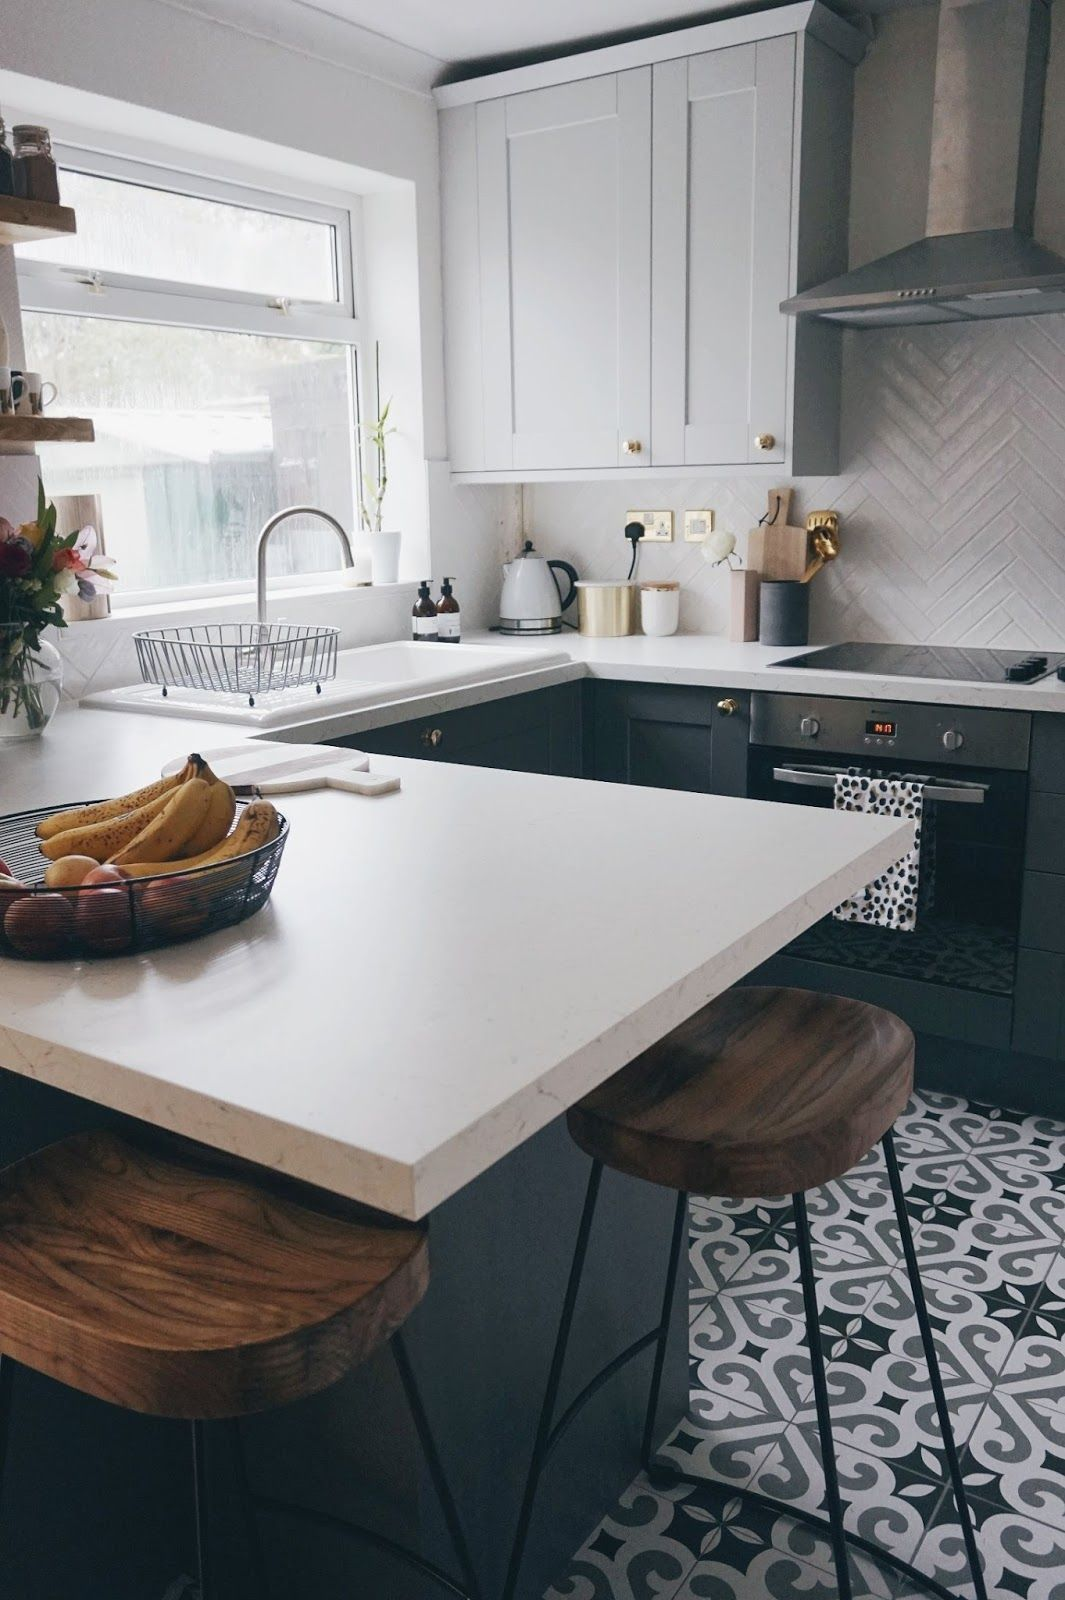 The dark kitchen instagram trend new home pinterest kitchen